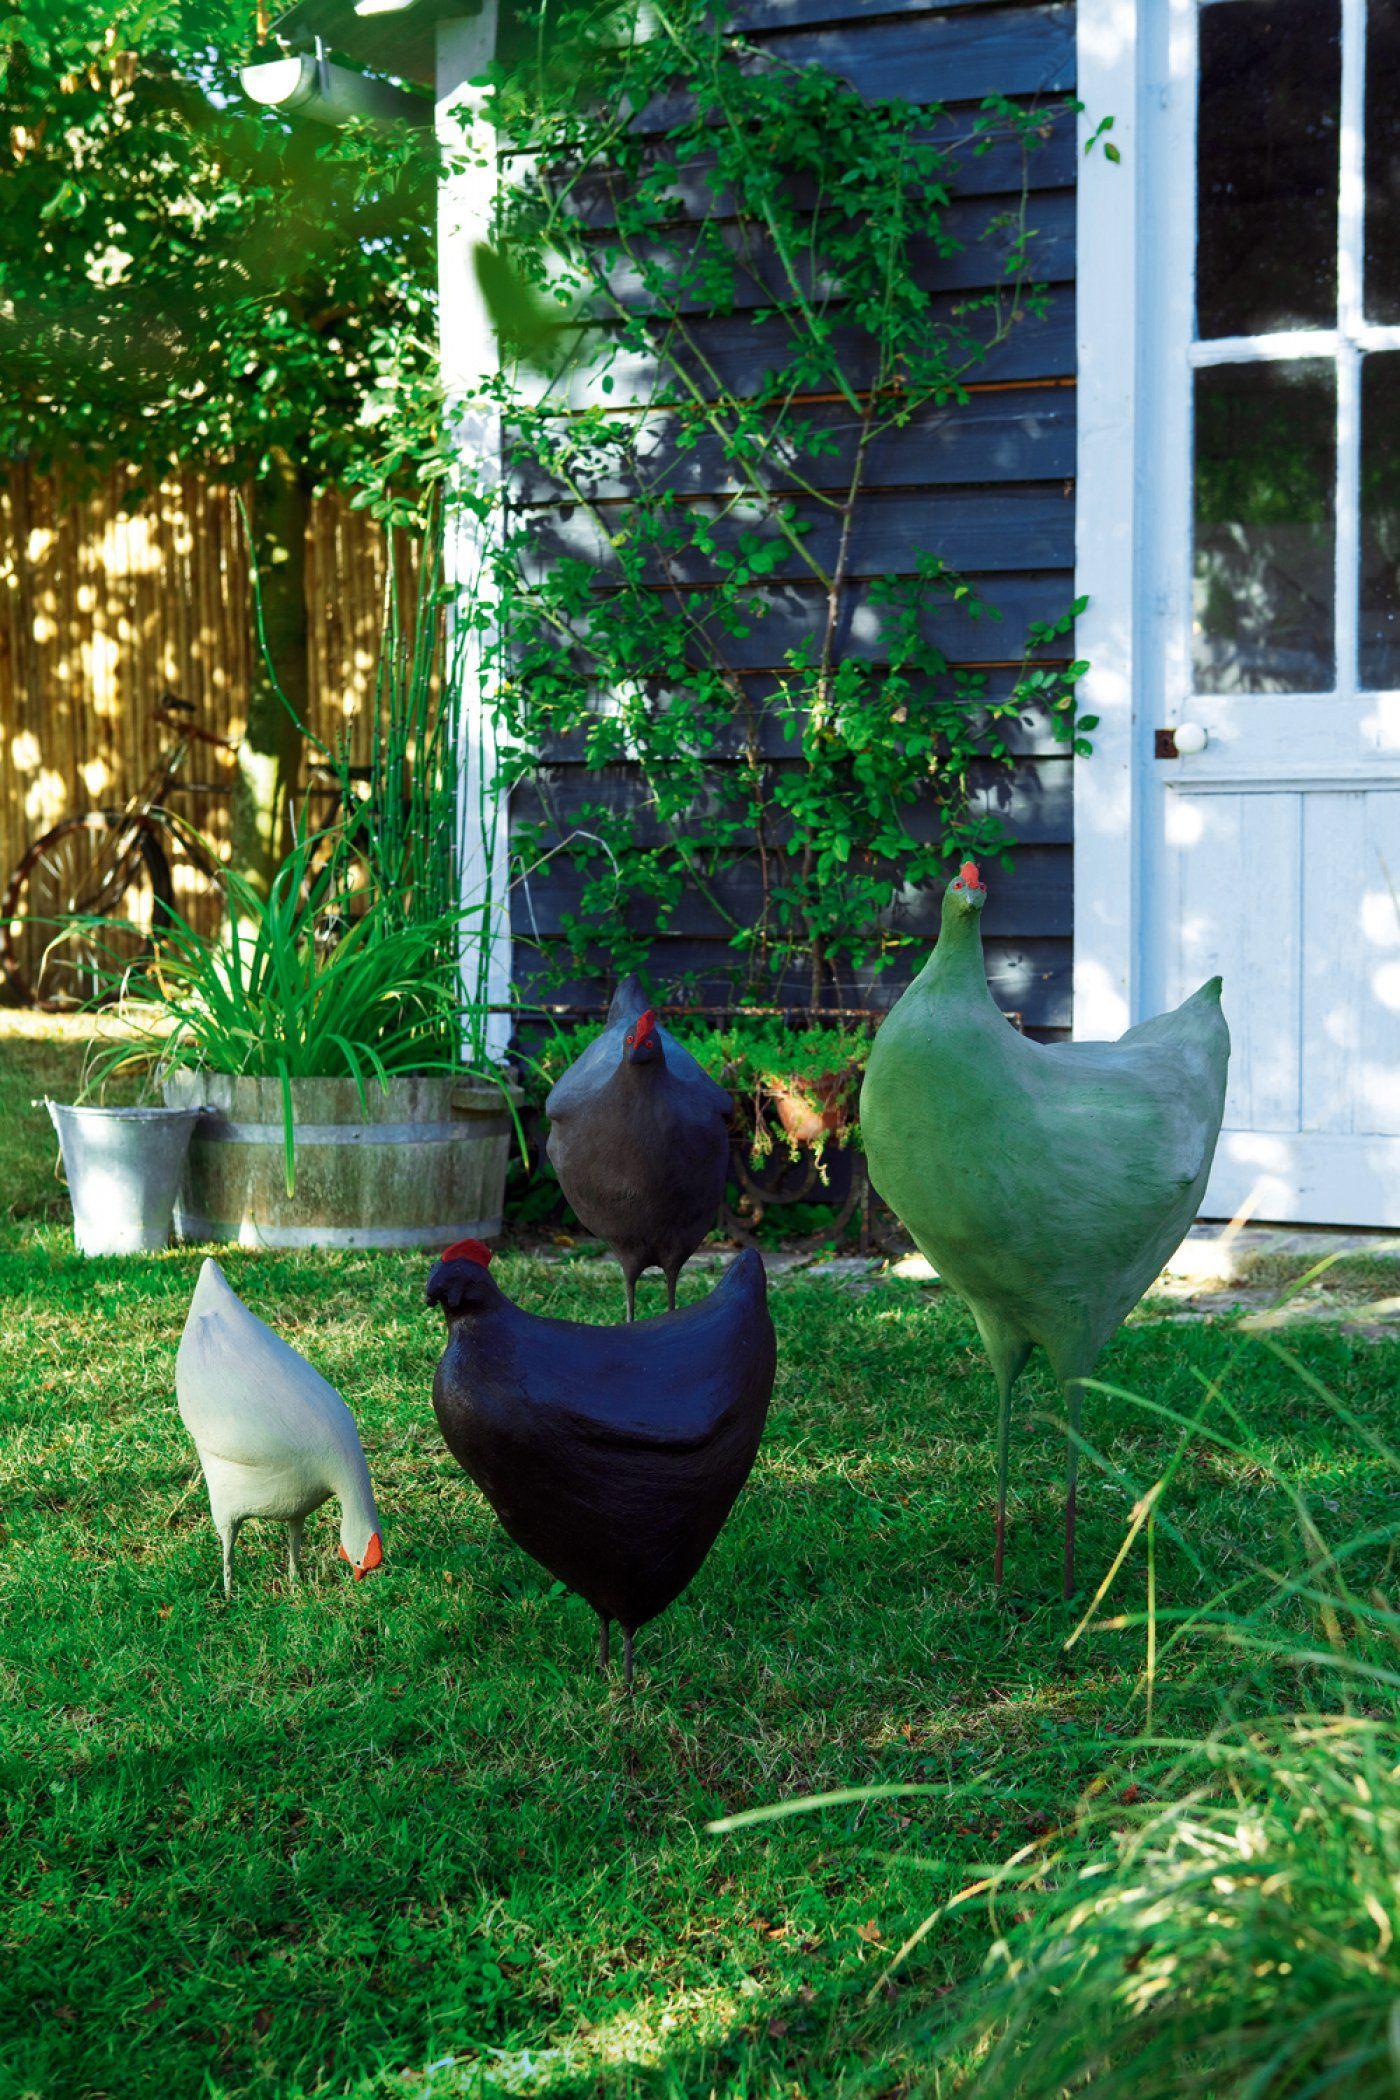 Des poules de jardin en ciment sculture jardin Pinterest jardin